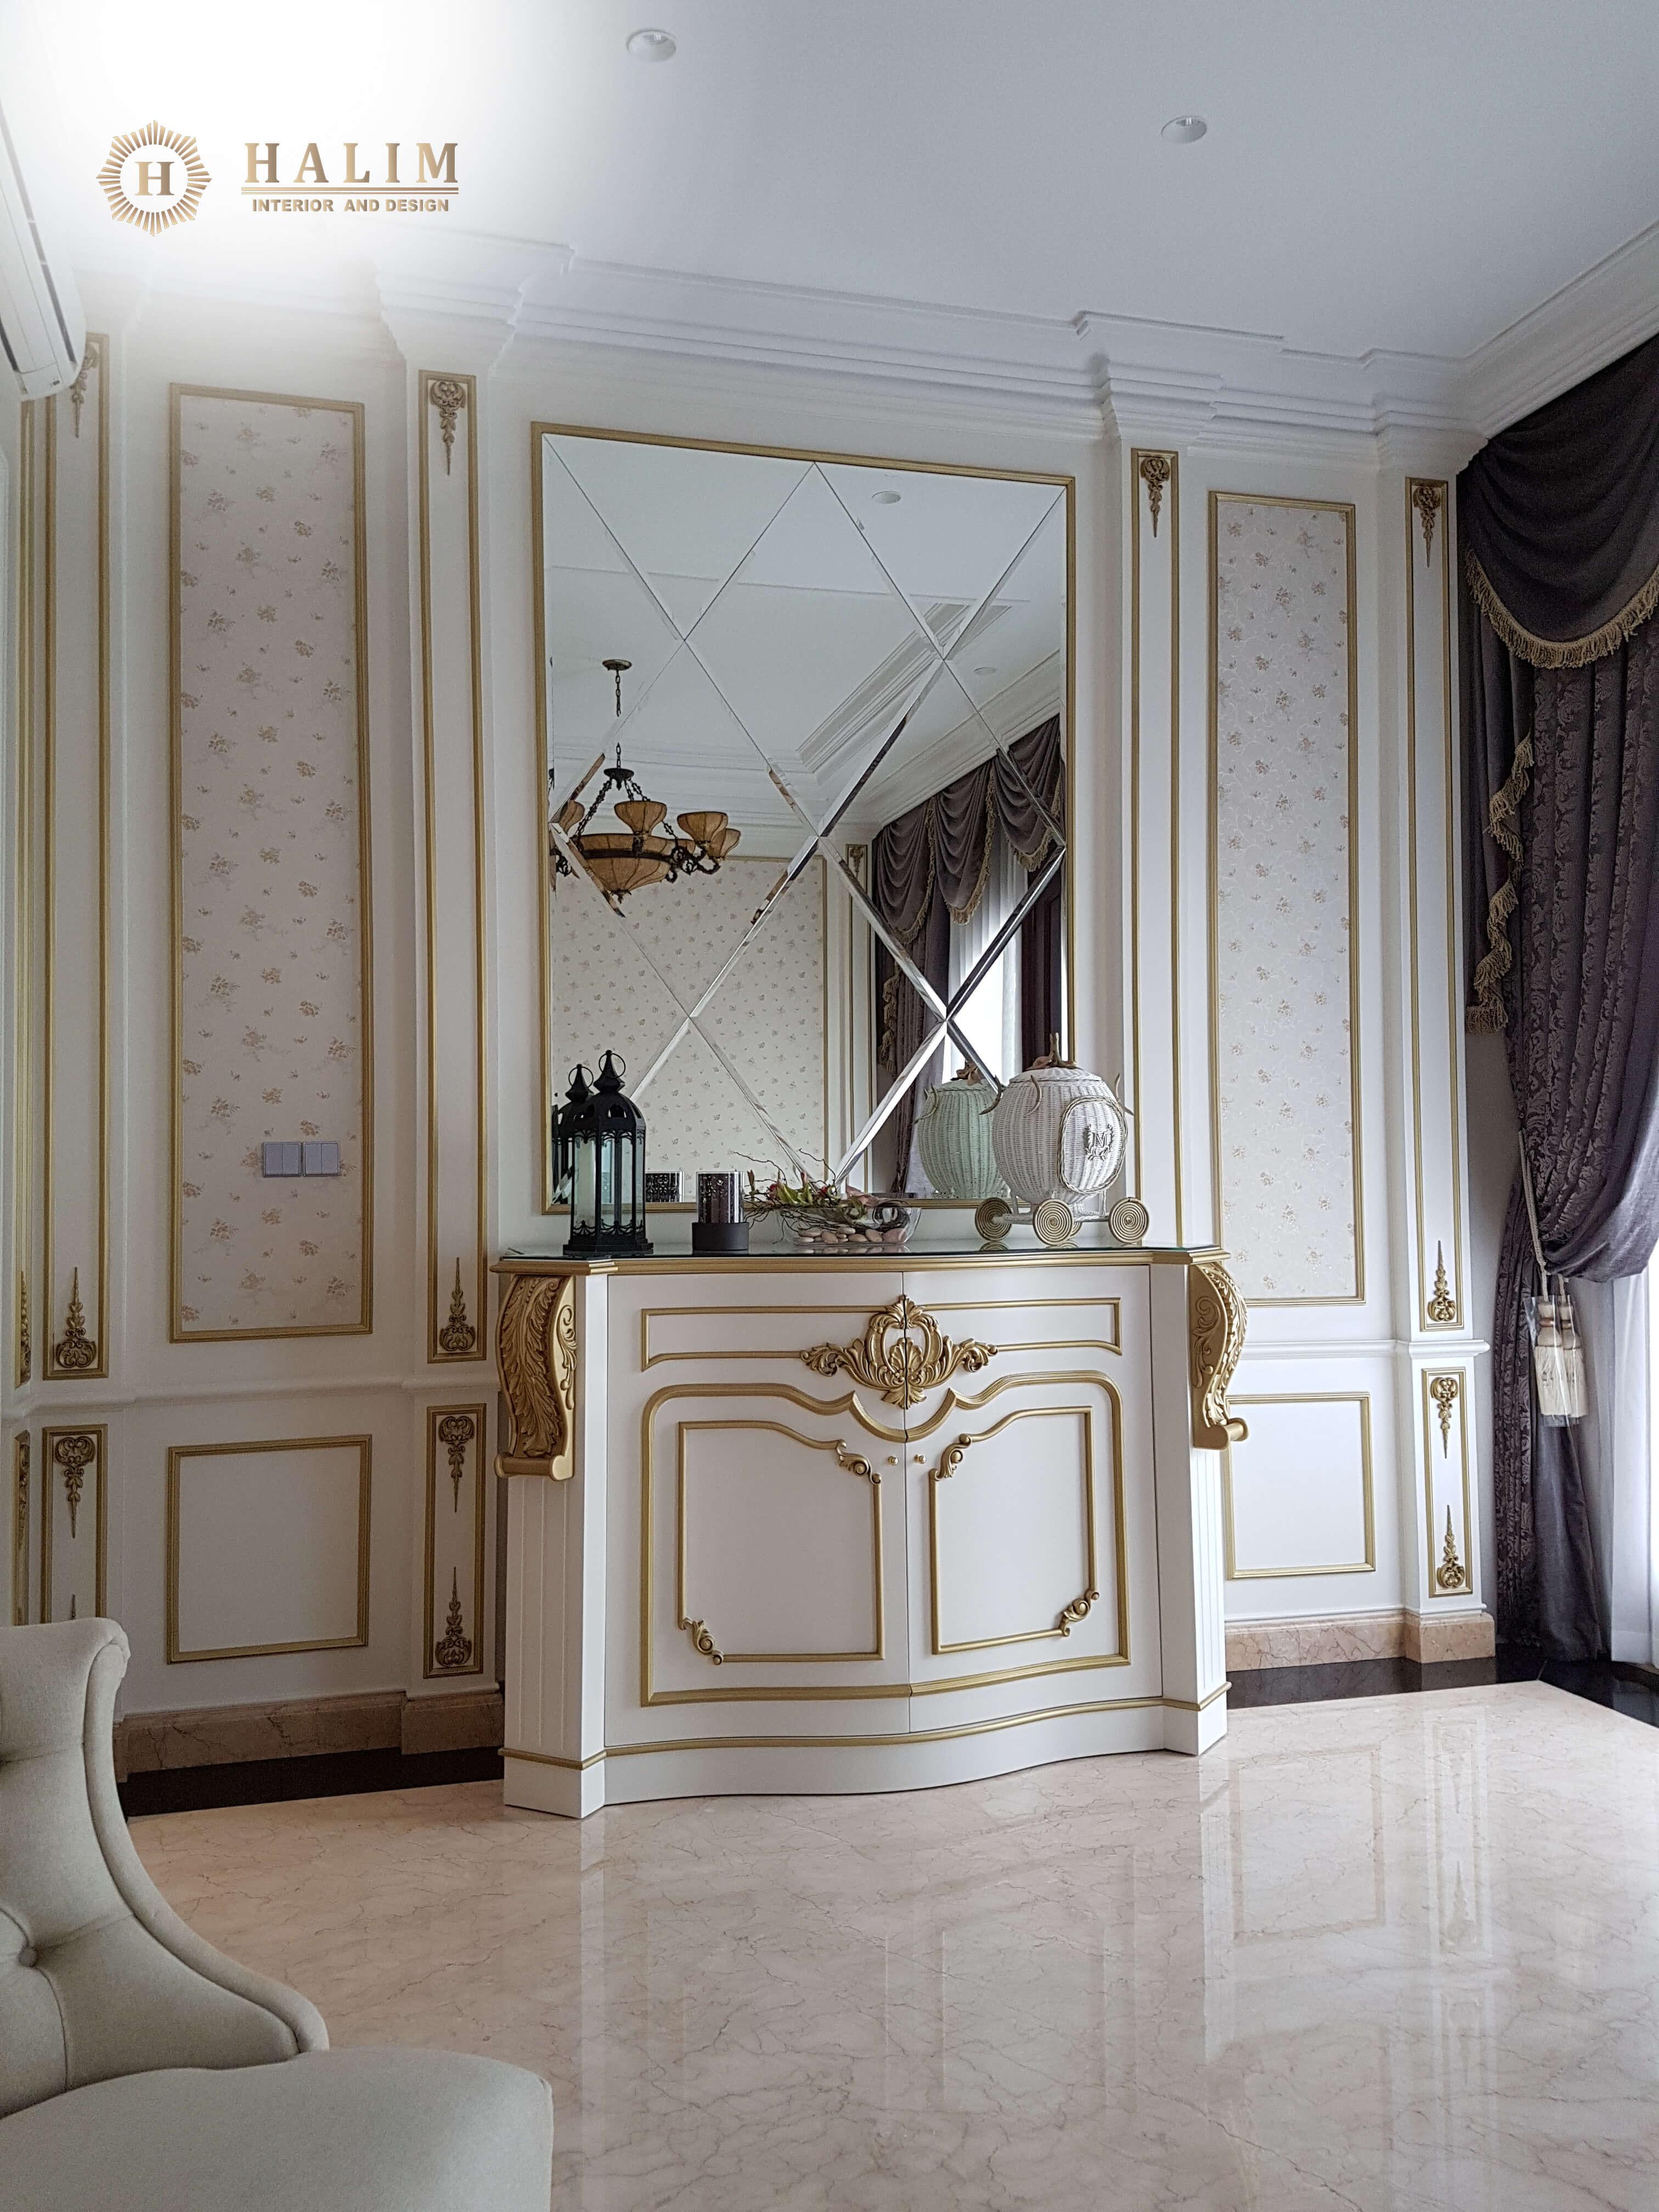 Halim, Interior, modern, furniture, contemporer american style, minimalist, european, classic, surabaya, Taman Hunian Satelit 4. Ruang Tamu